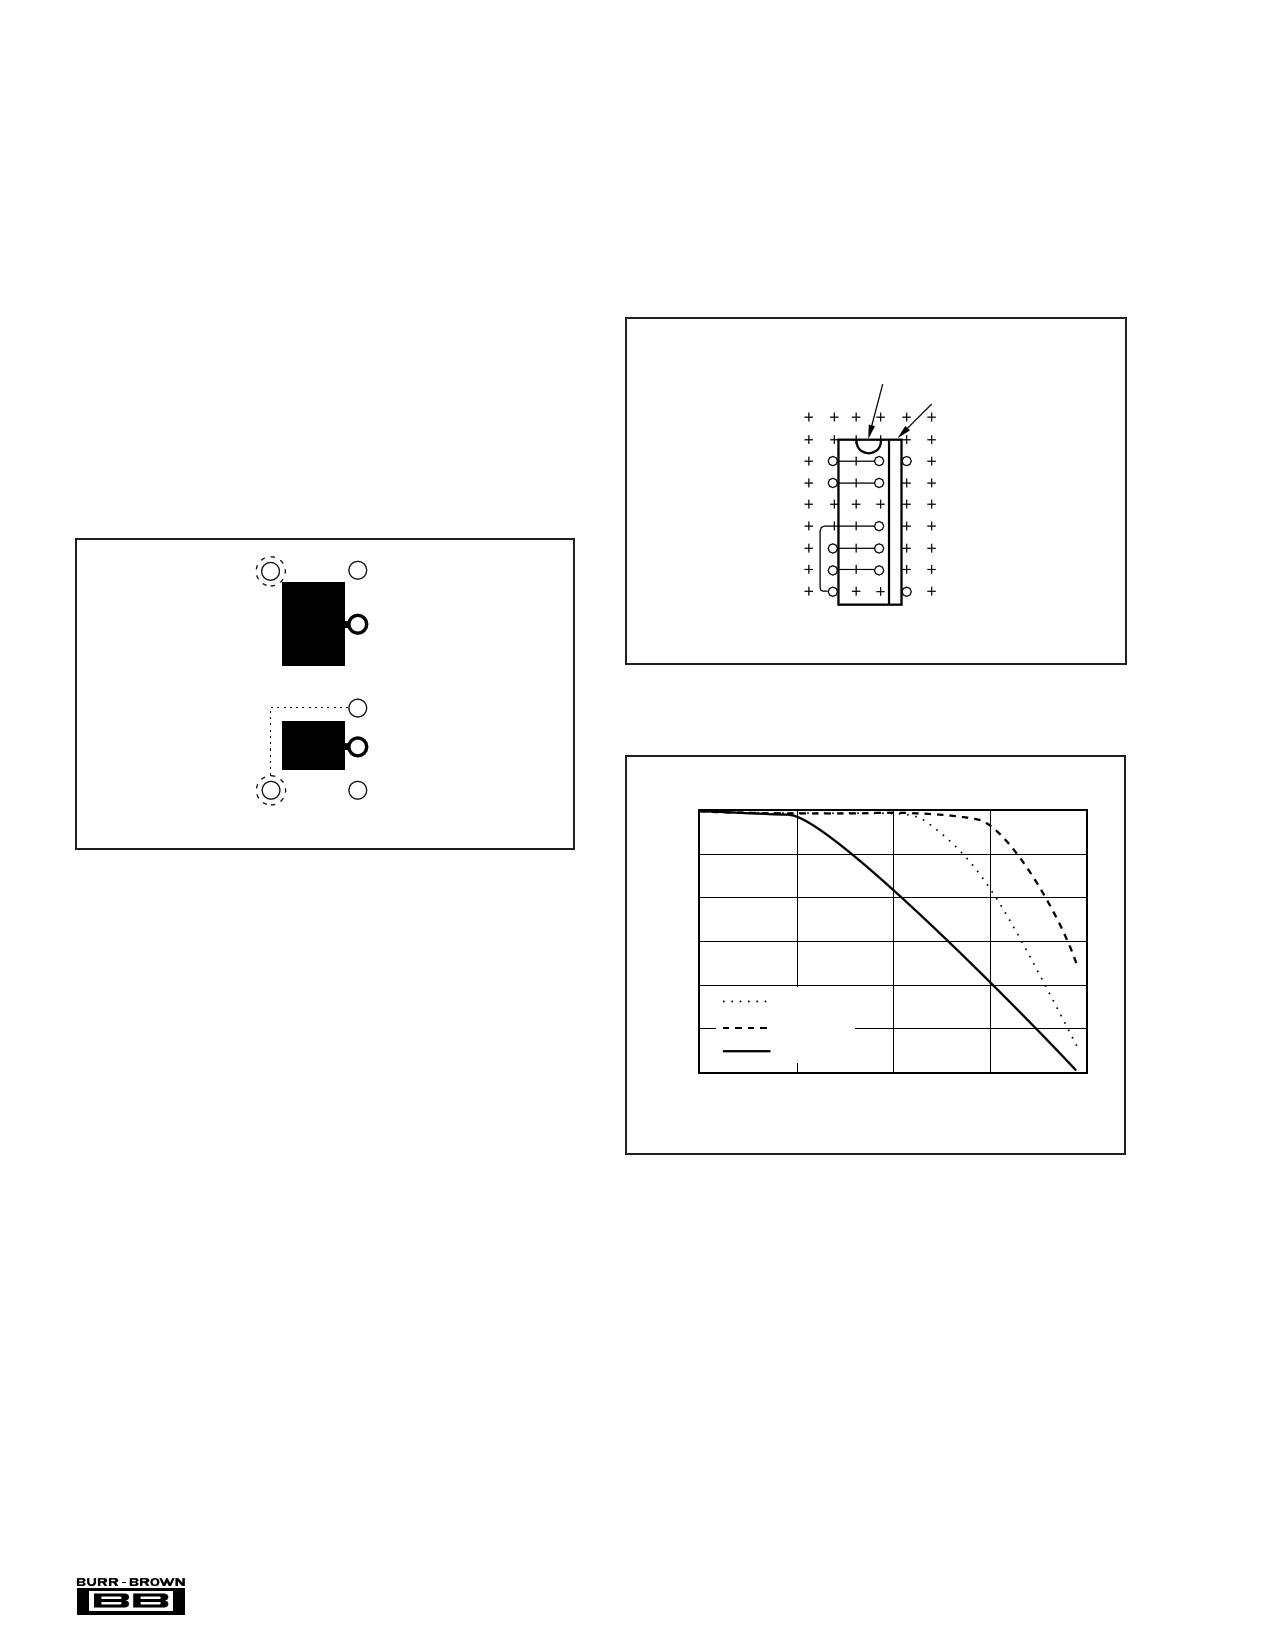 DCP010515DP equivalent, schematic